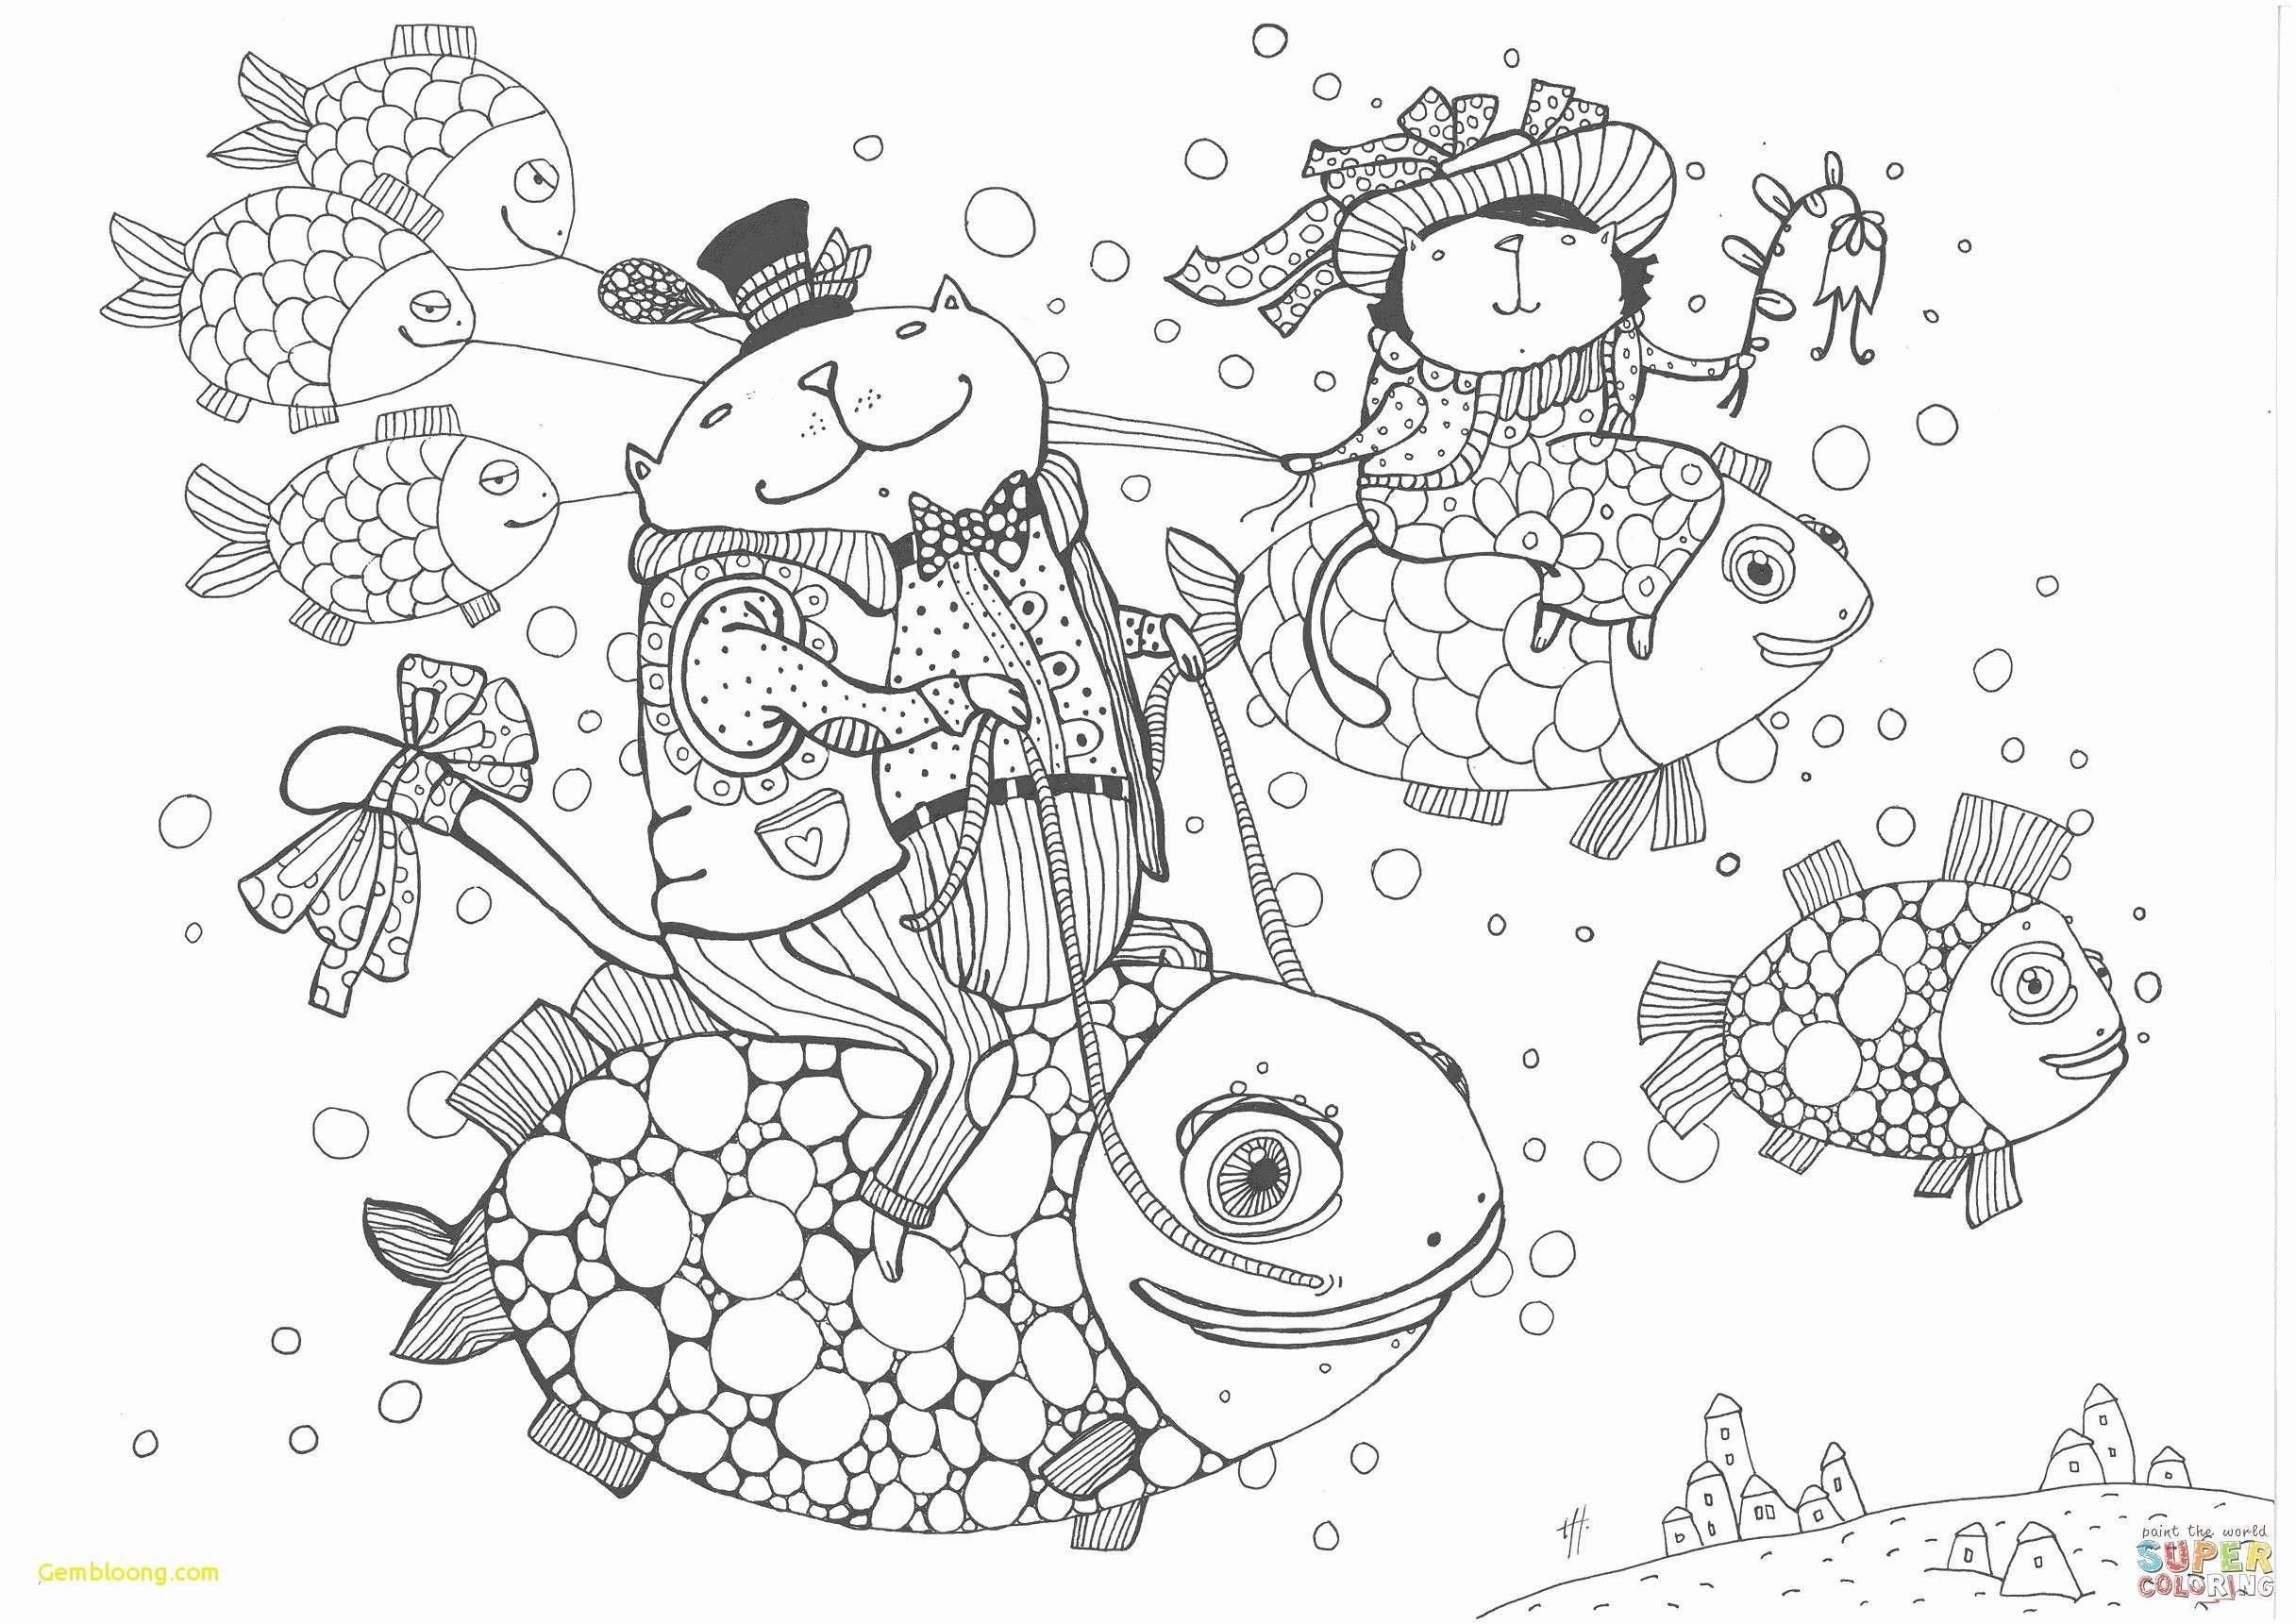 Winnie Pooh Malvorlage Das Beste Von Ausmalbilder Mario Kart 8 Uploadertalk Schön Winnie Pooh Malvorlagen Bild